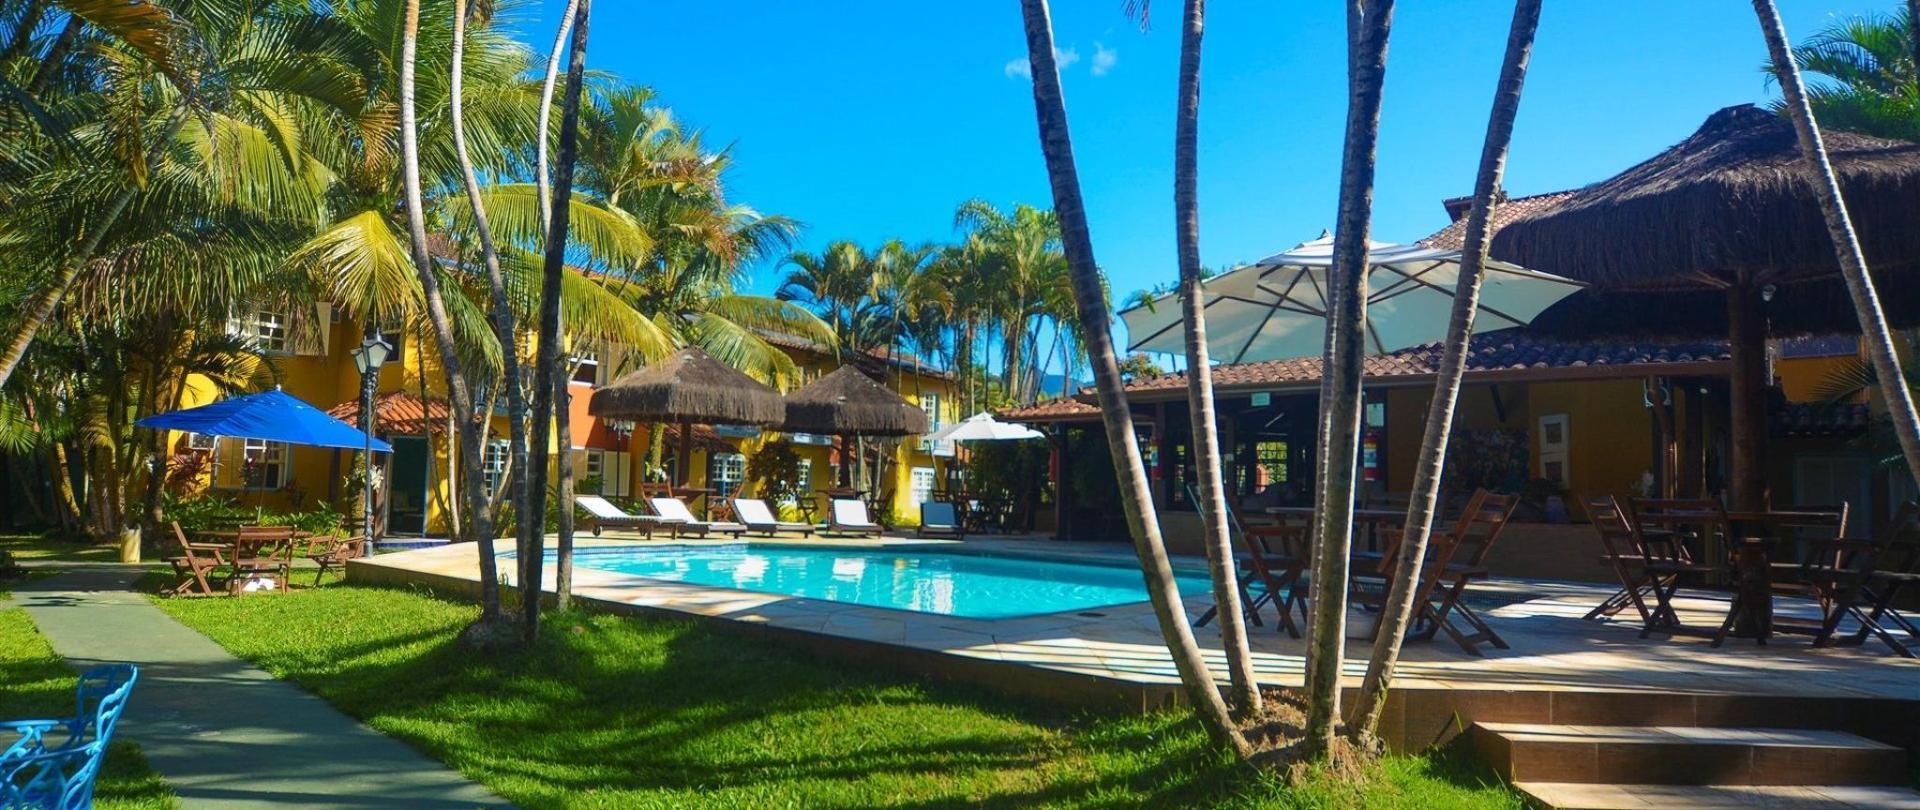 Pousada Villa del Sol - Parati - Brasil5.jpg